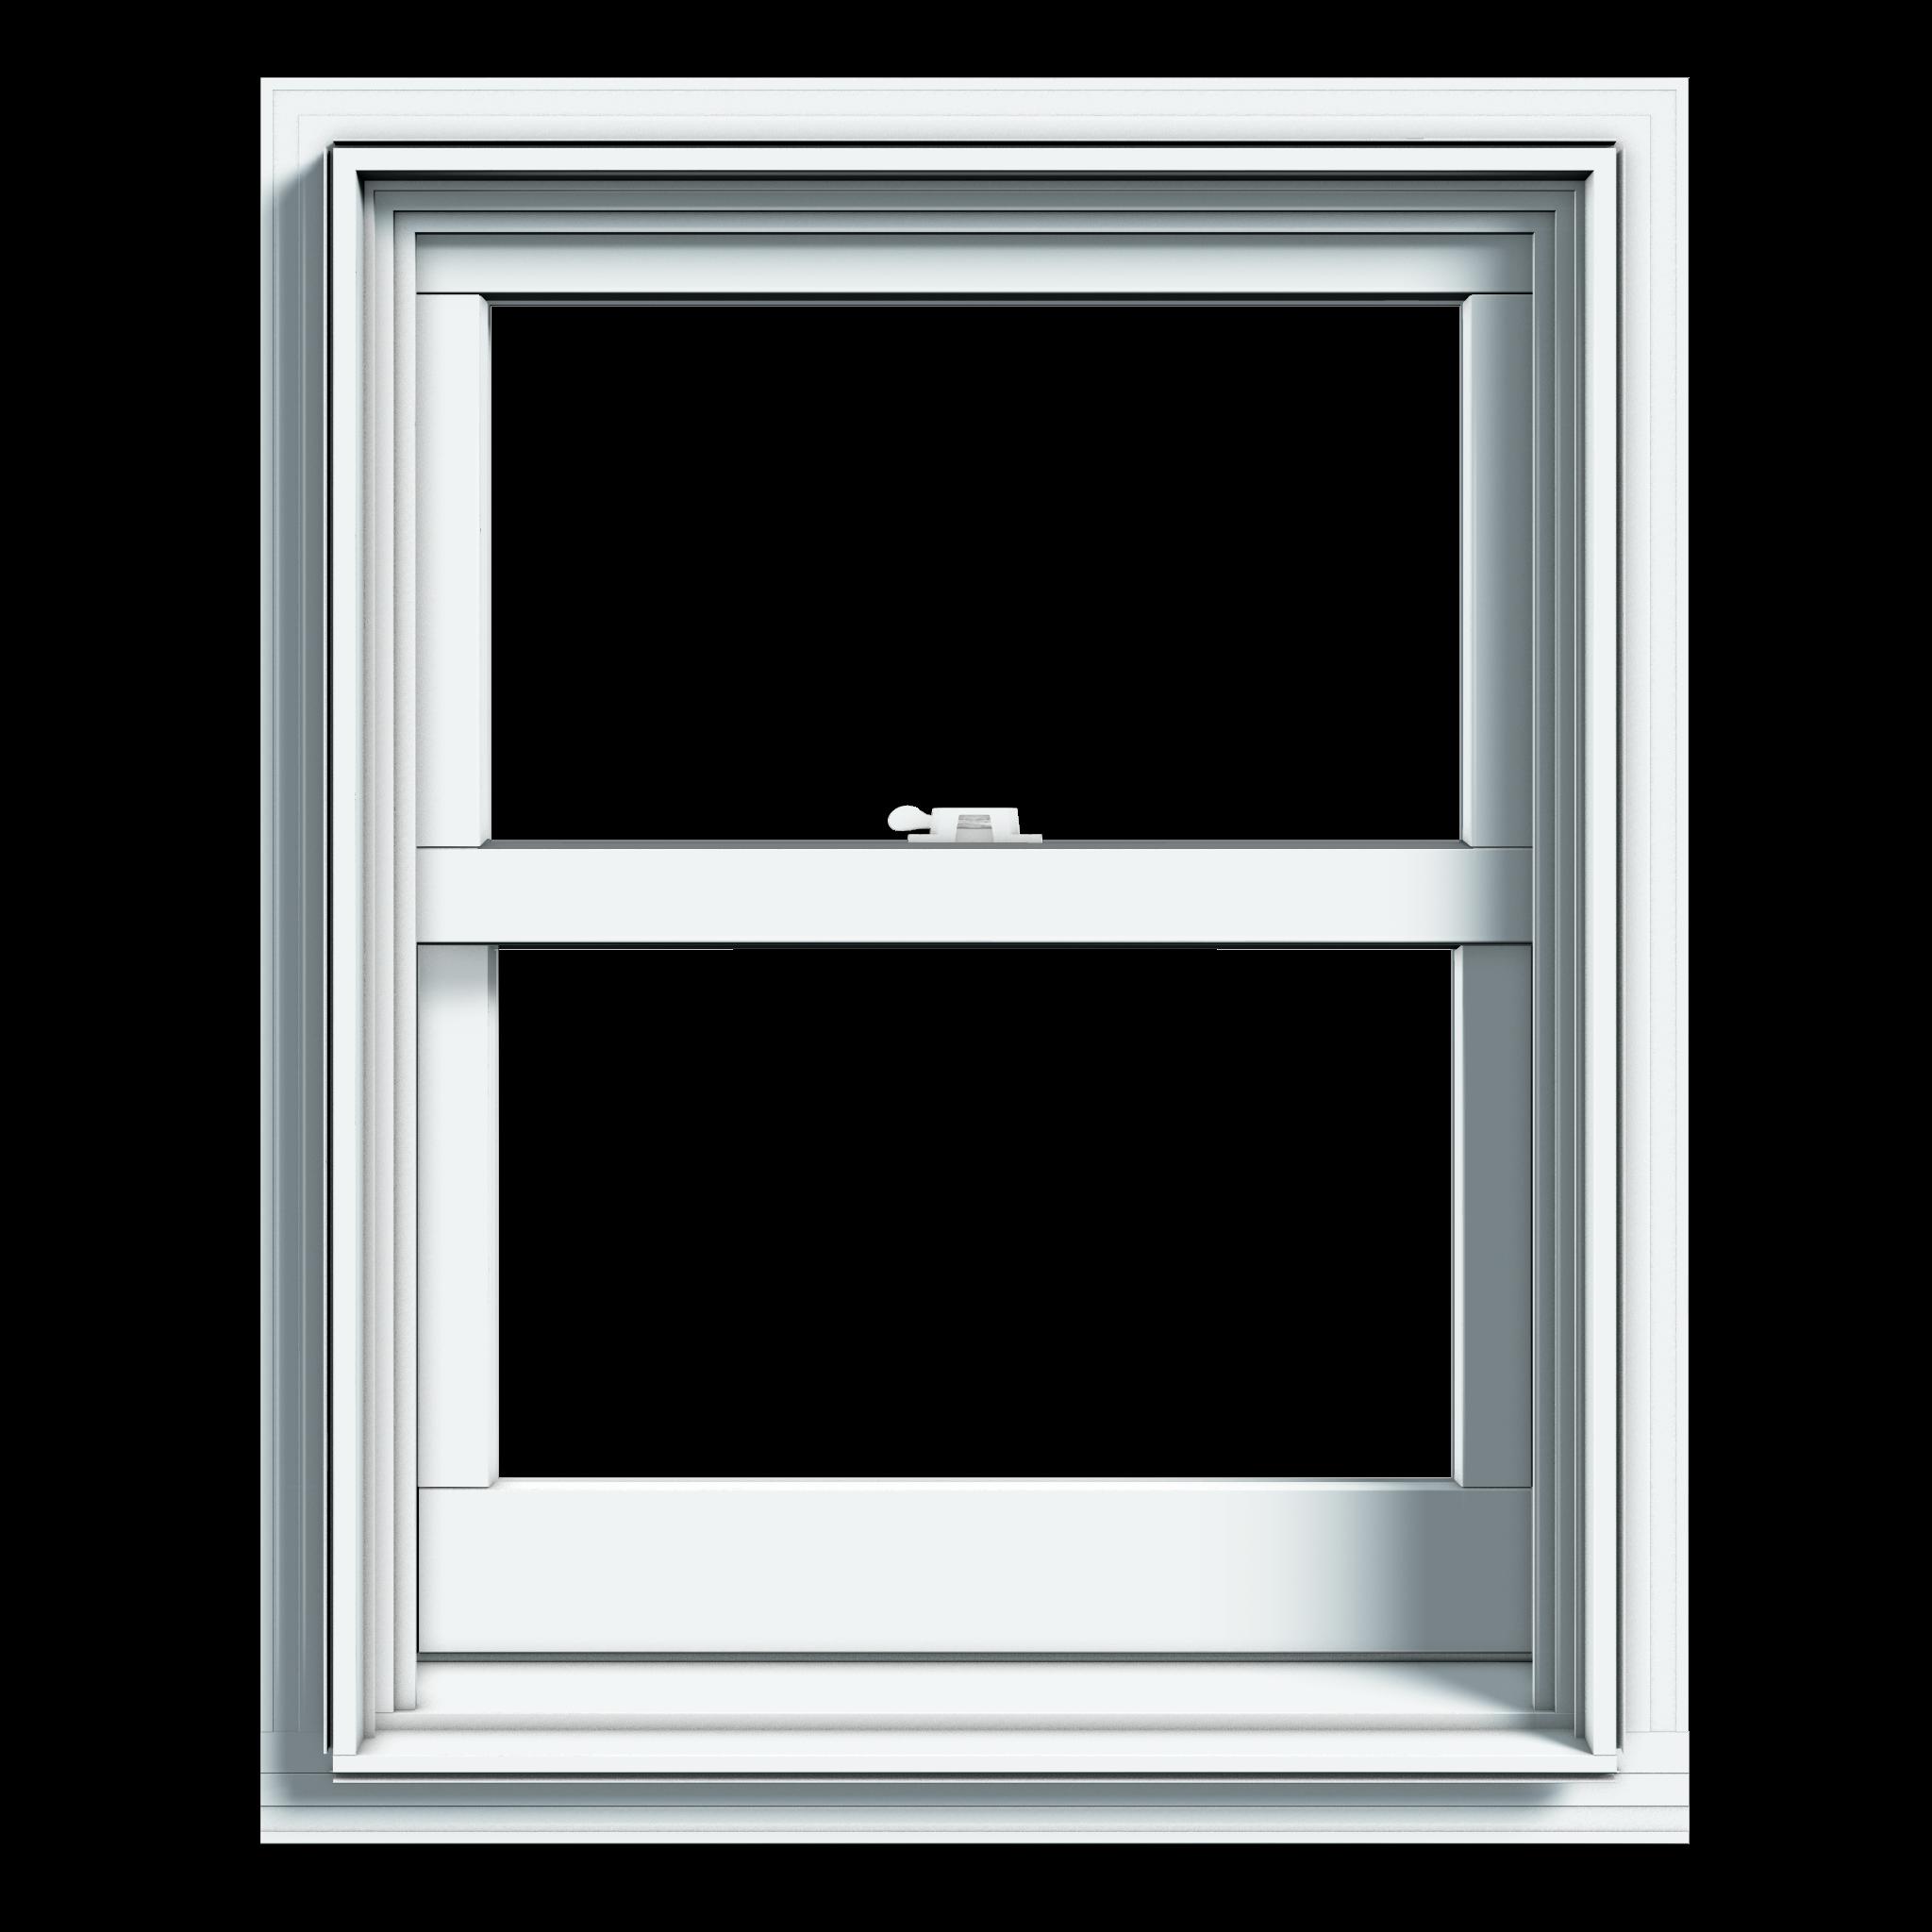 Custom Wood Double-Hung Window | JELD-WEN Windows & Doors